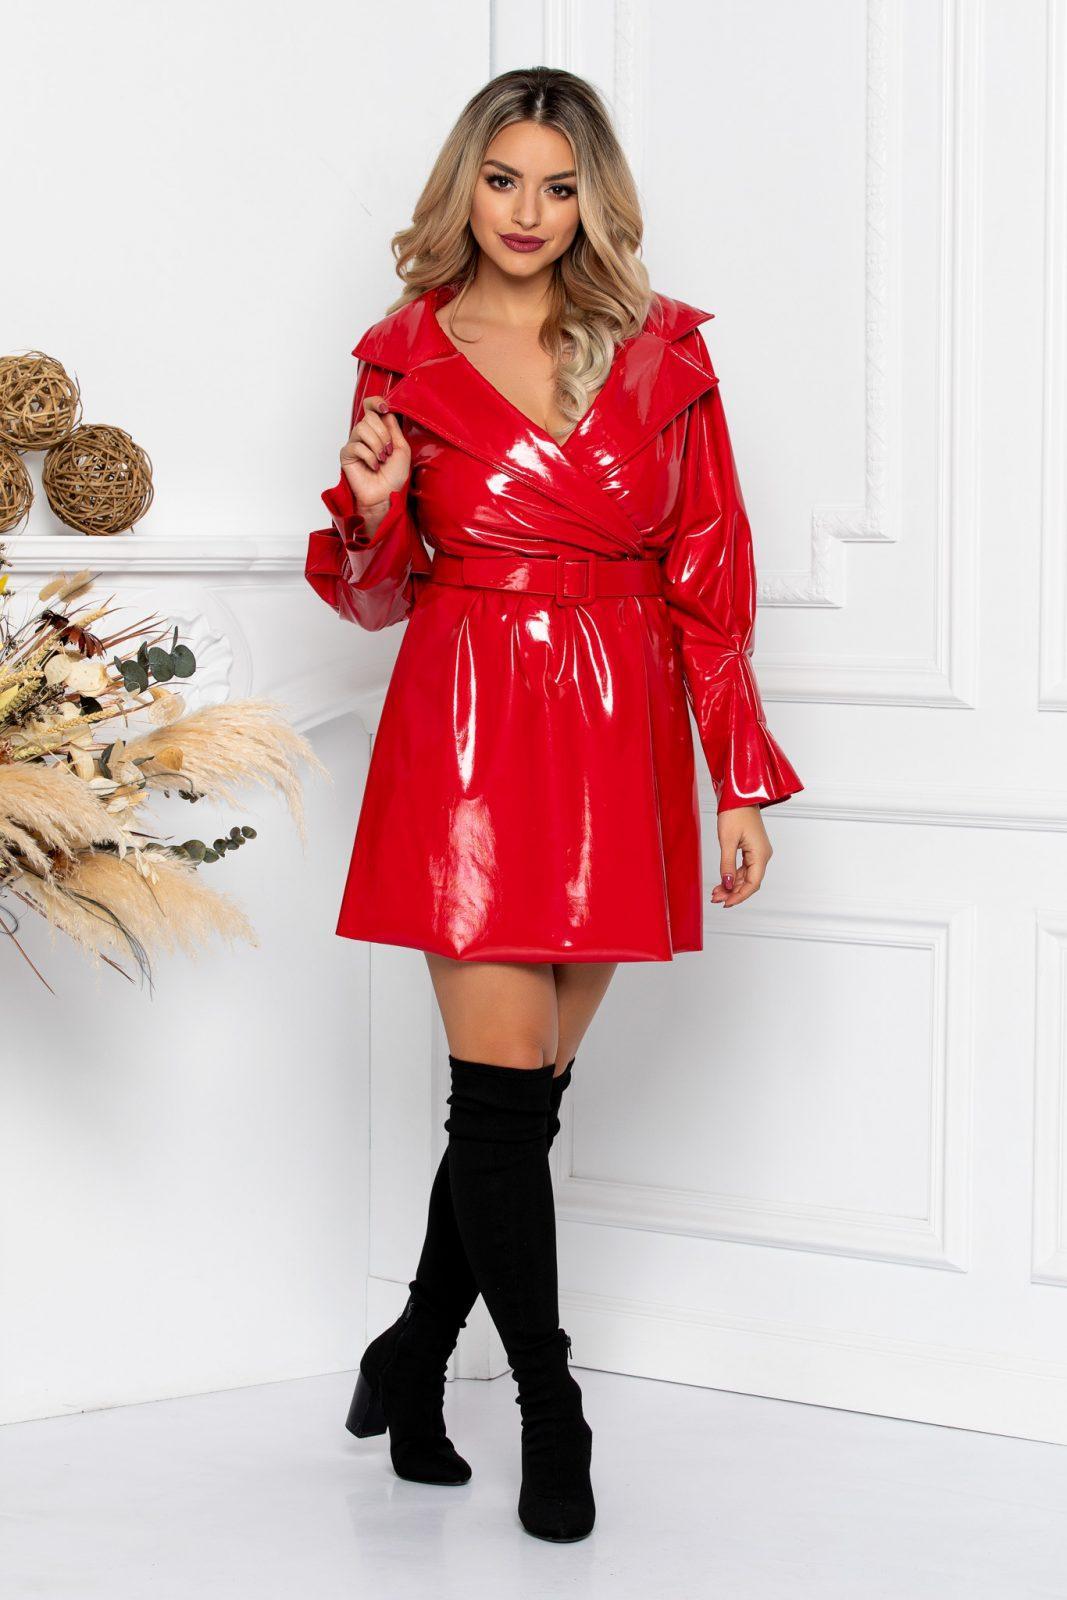 Κόκκινο Μίνι Φόρεμα Από Λουστρίνι Chaboo 8686